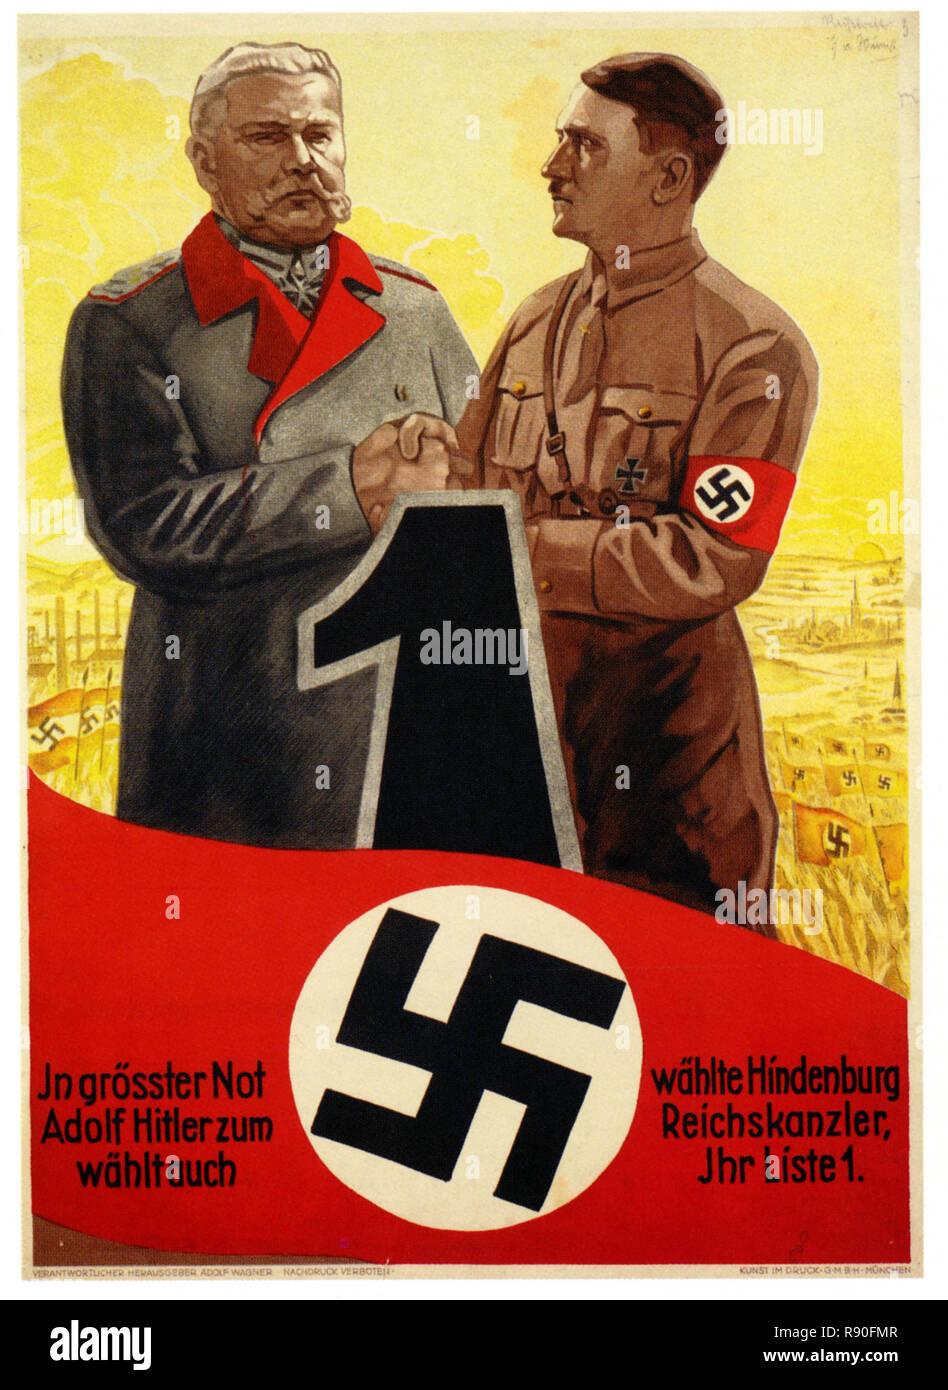 Hindenburg Chooses Hitler - Vintage German Nazi Propaganda Poster - Stock Image